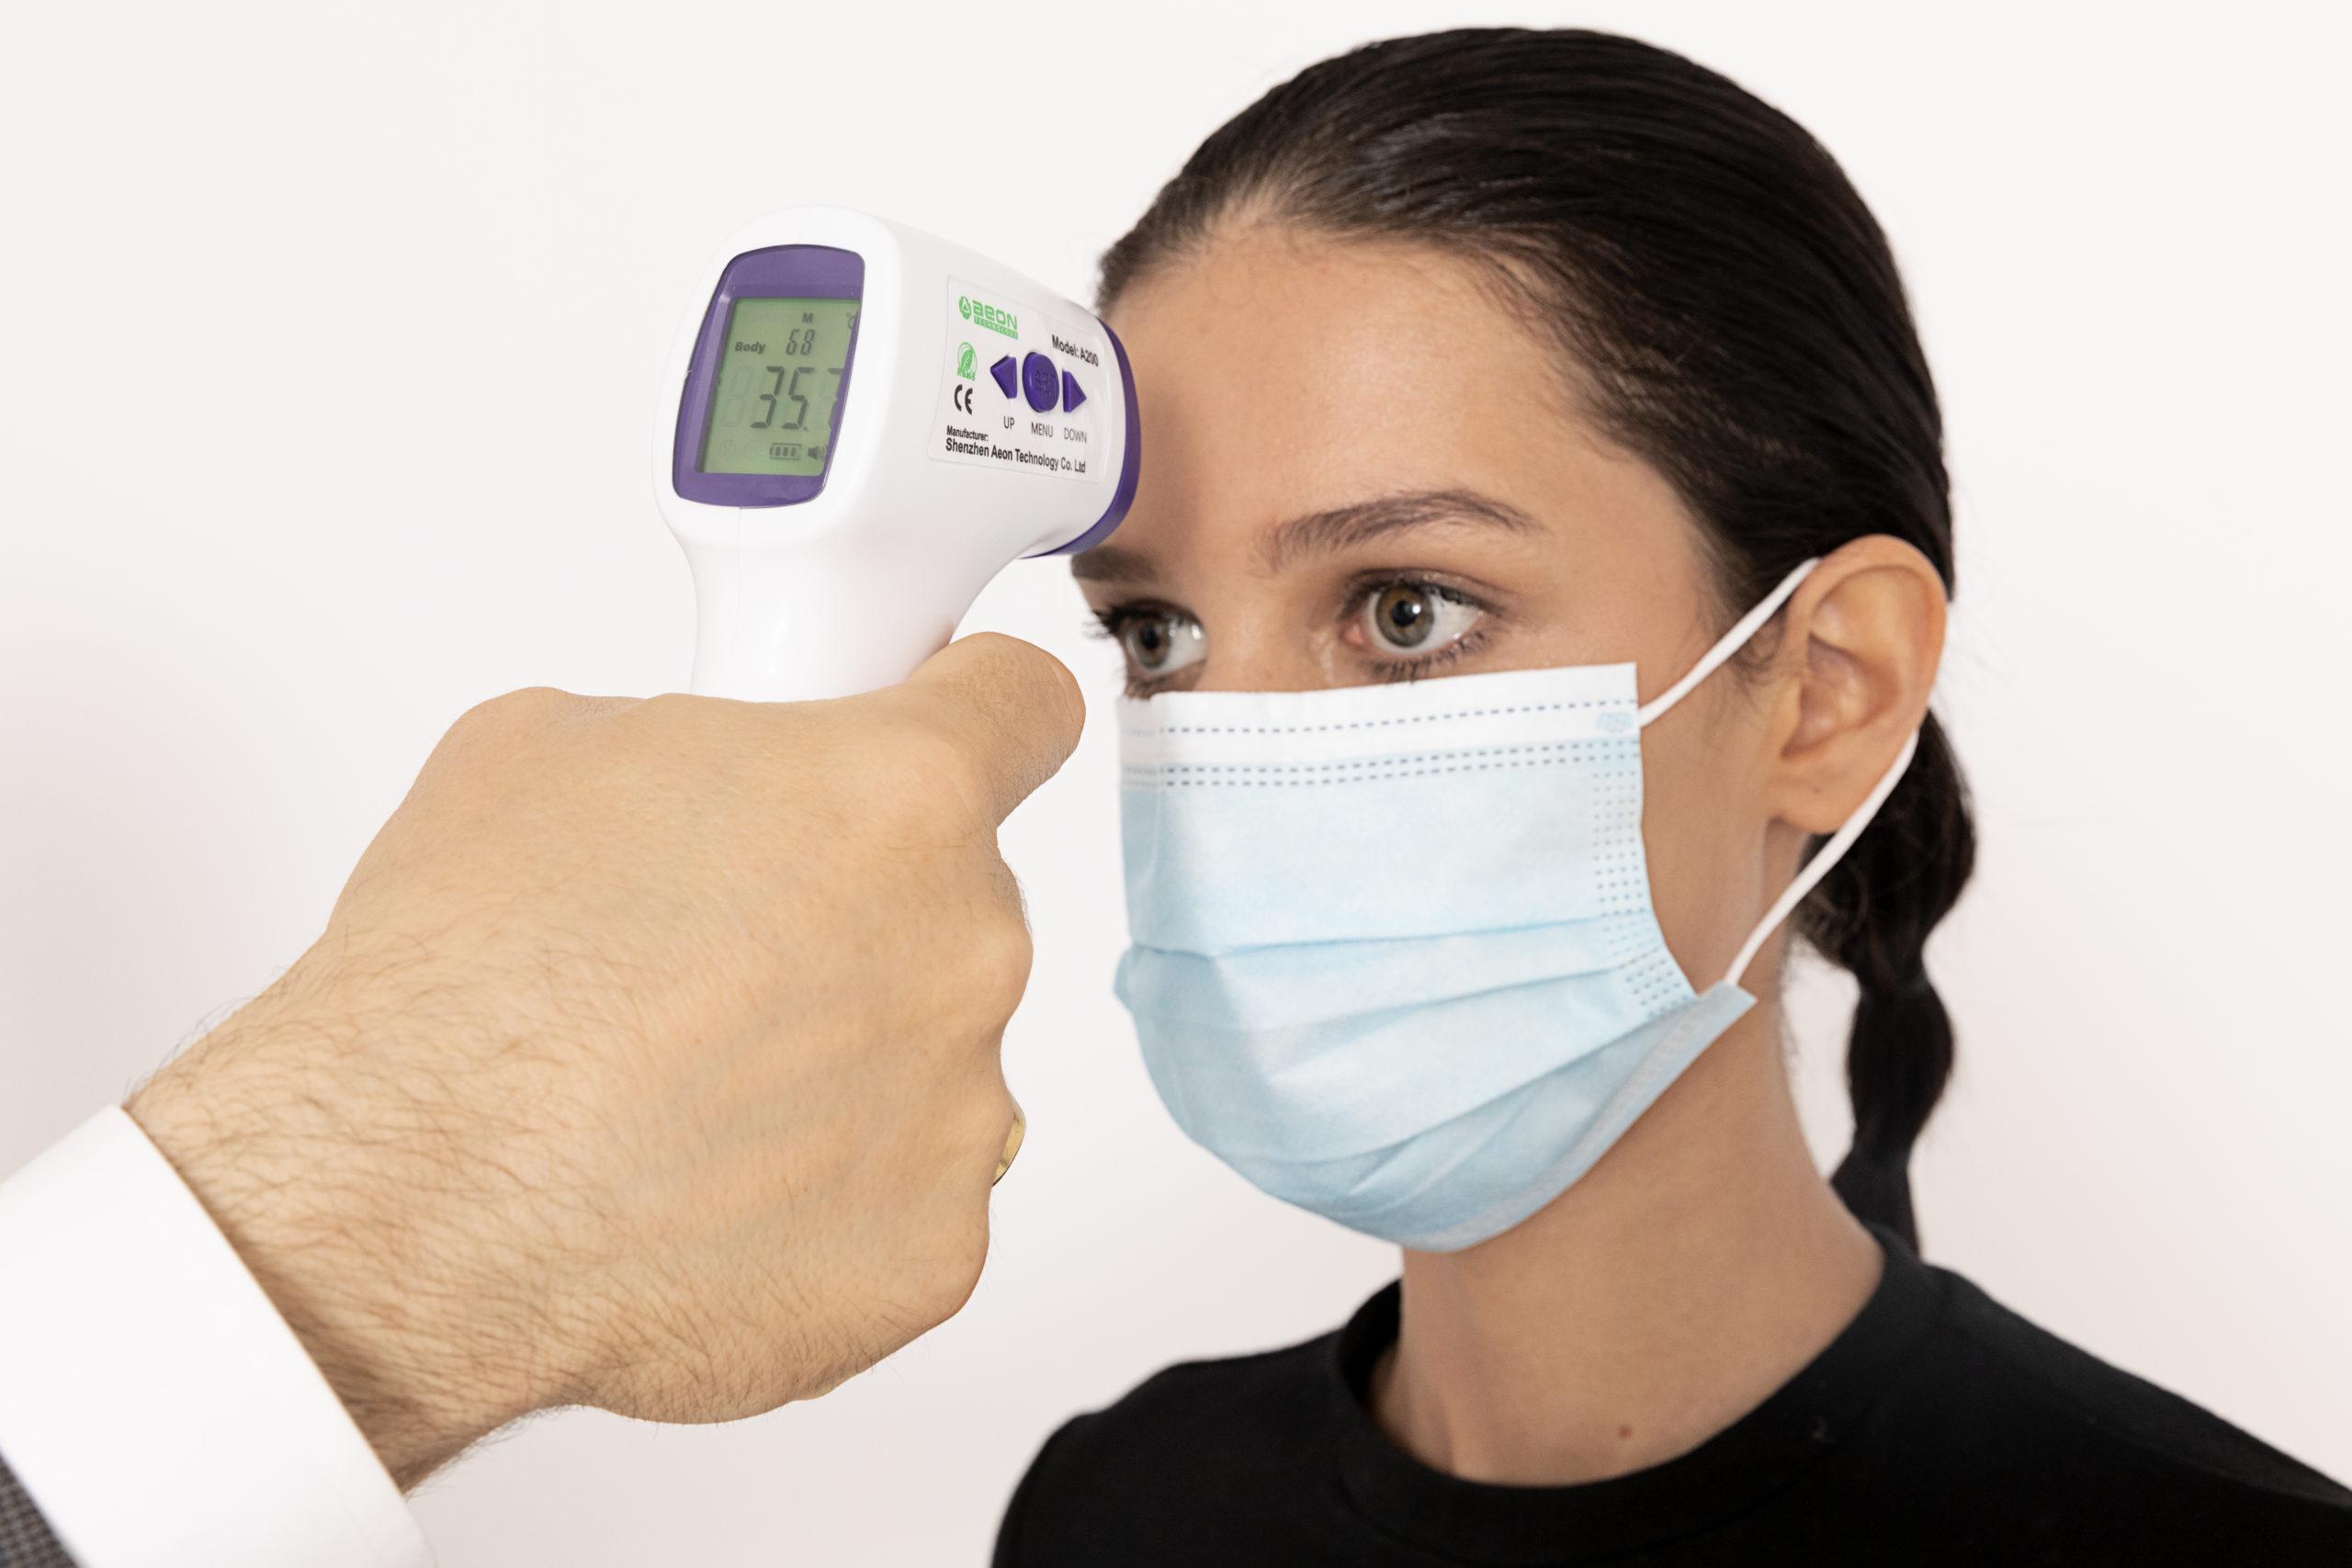 immagine di una persona che prova la temperatura a distanza su di una ragazza